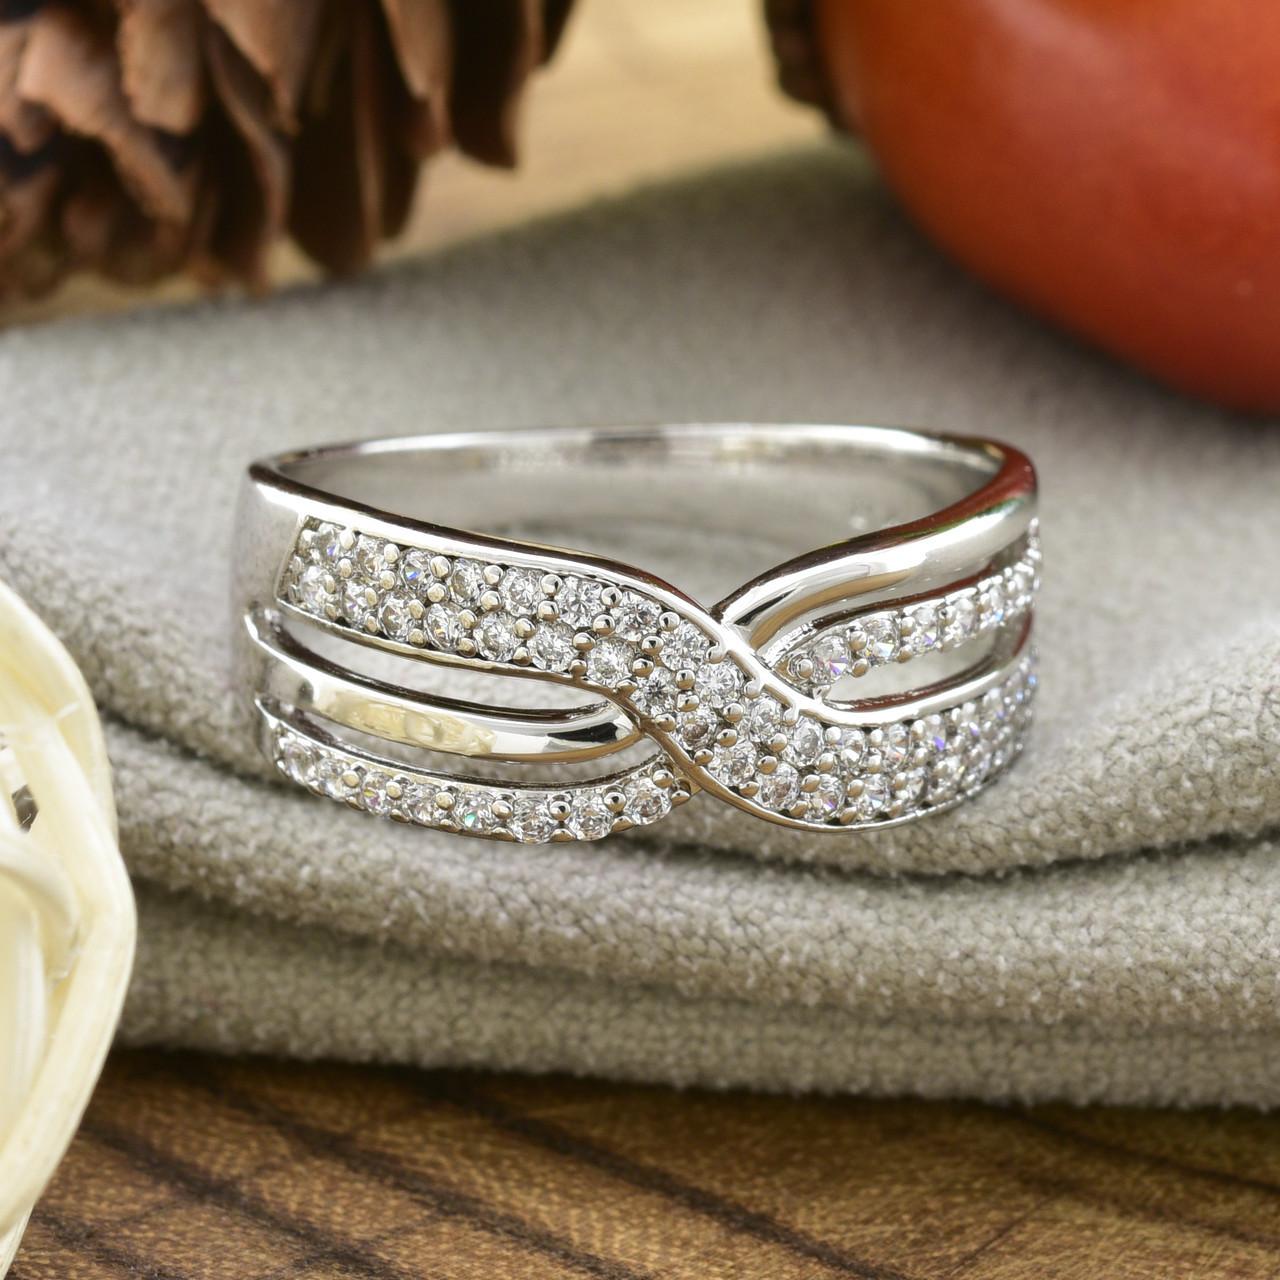 Кольцо Xuping 14692 размер 18 ширина 8 мм вес 2.5 г белые фианиты позолота Белое золото